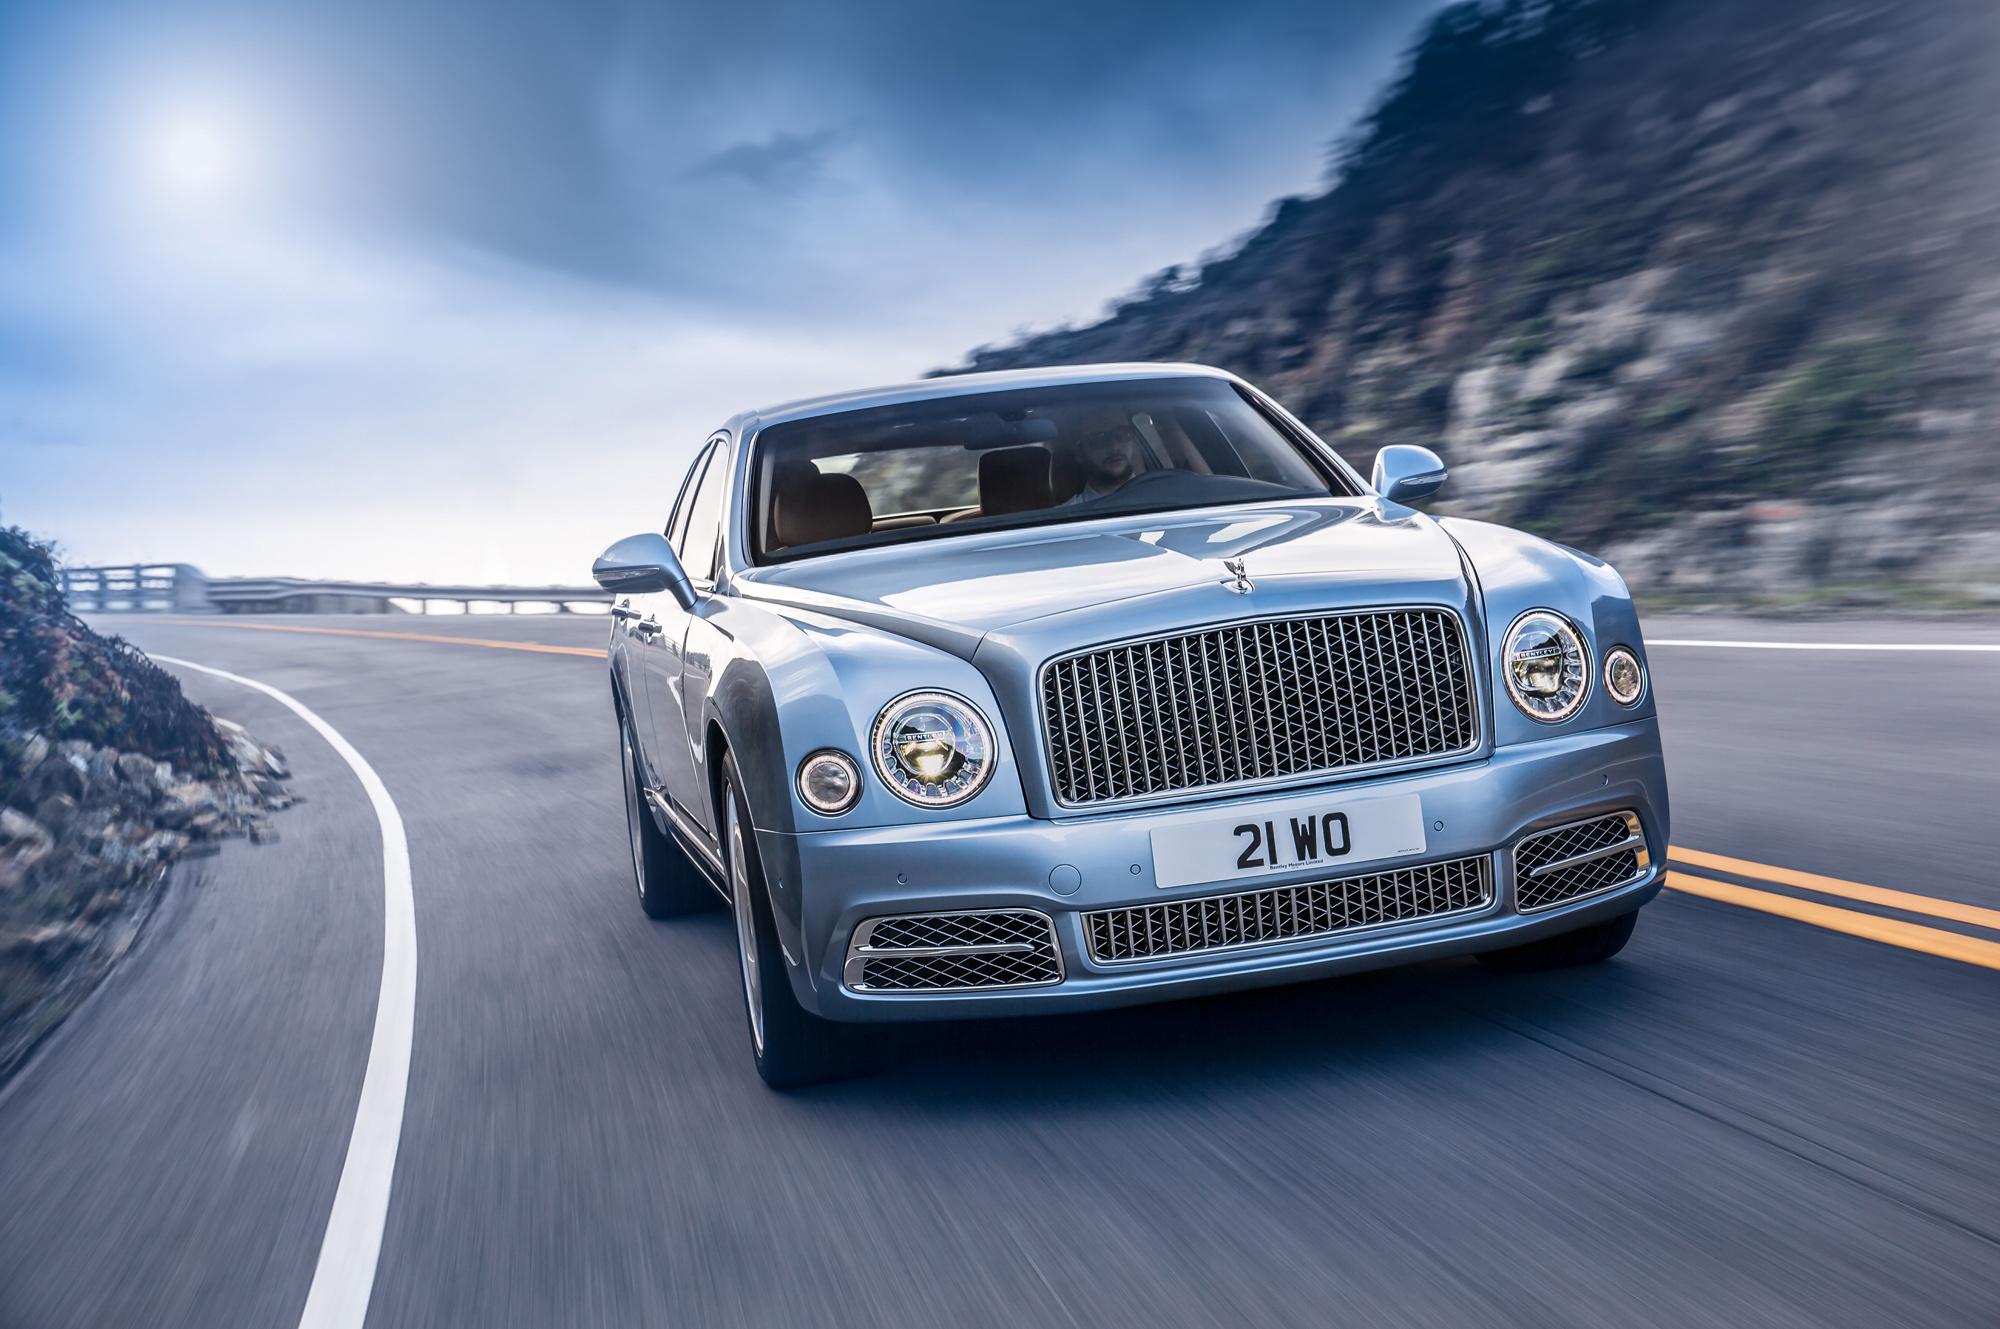 Bentley Mulsanne Wallpapers HD